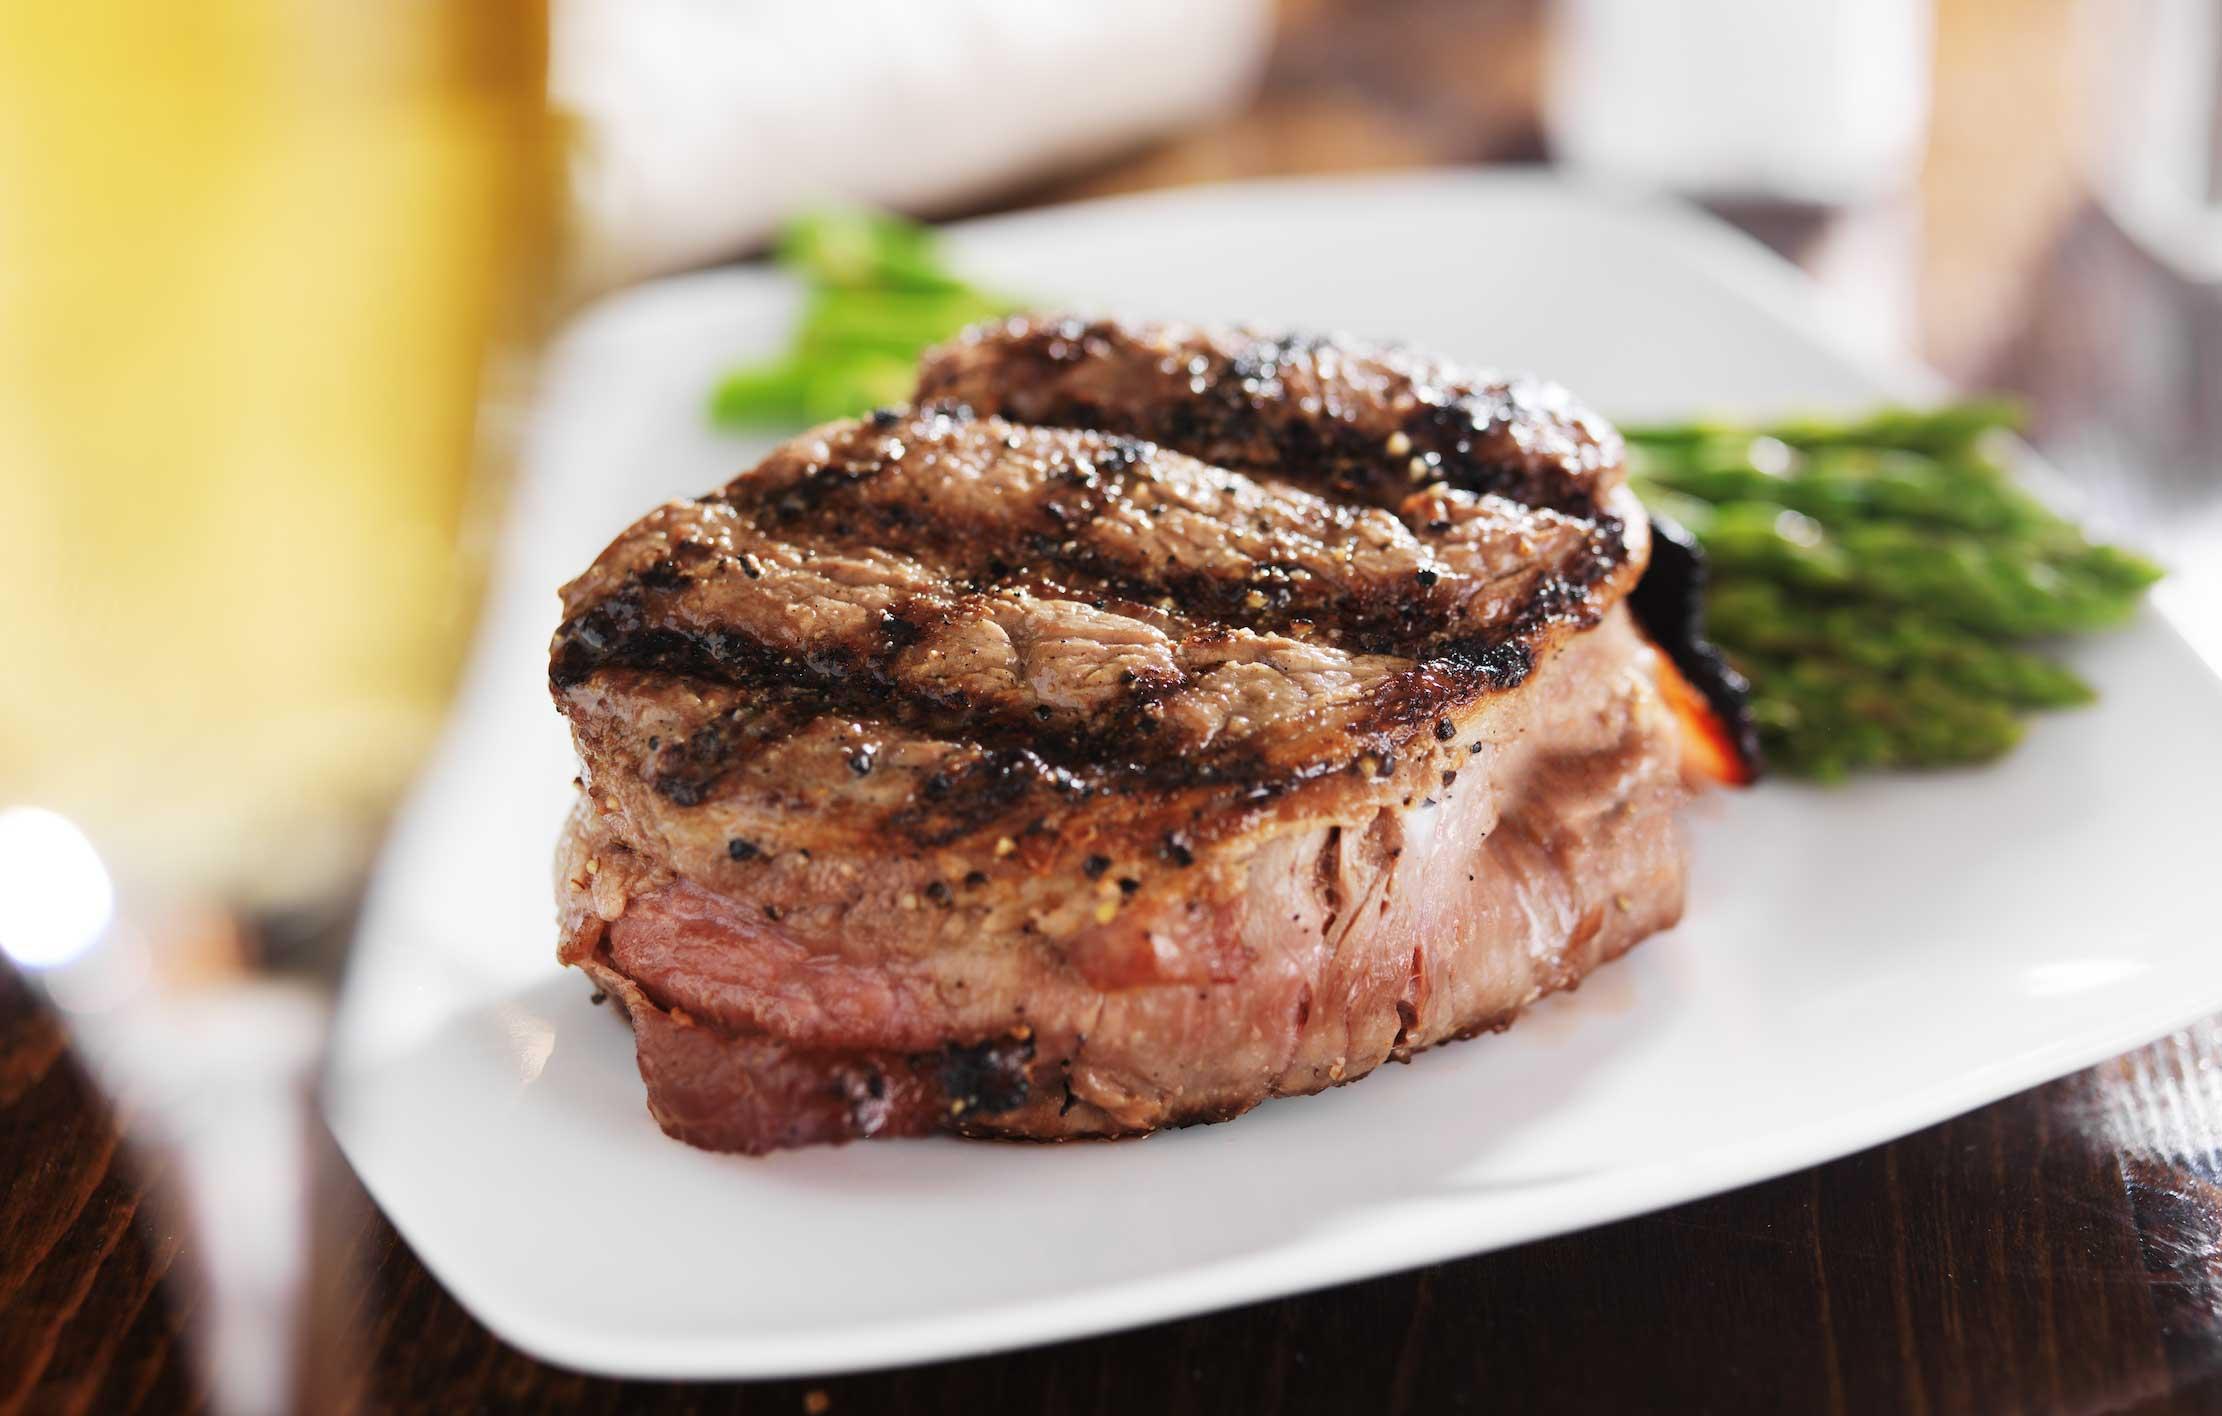 filetto di carne fe ricette light programma dieta mediterranea perdere peso velocemente clinica di dimagrimento centro ferrara magrella